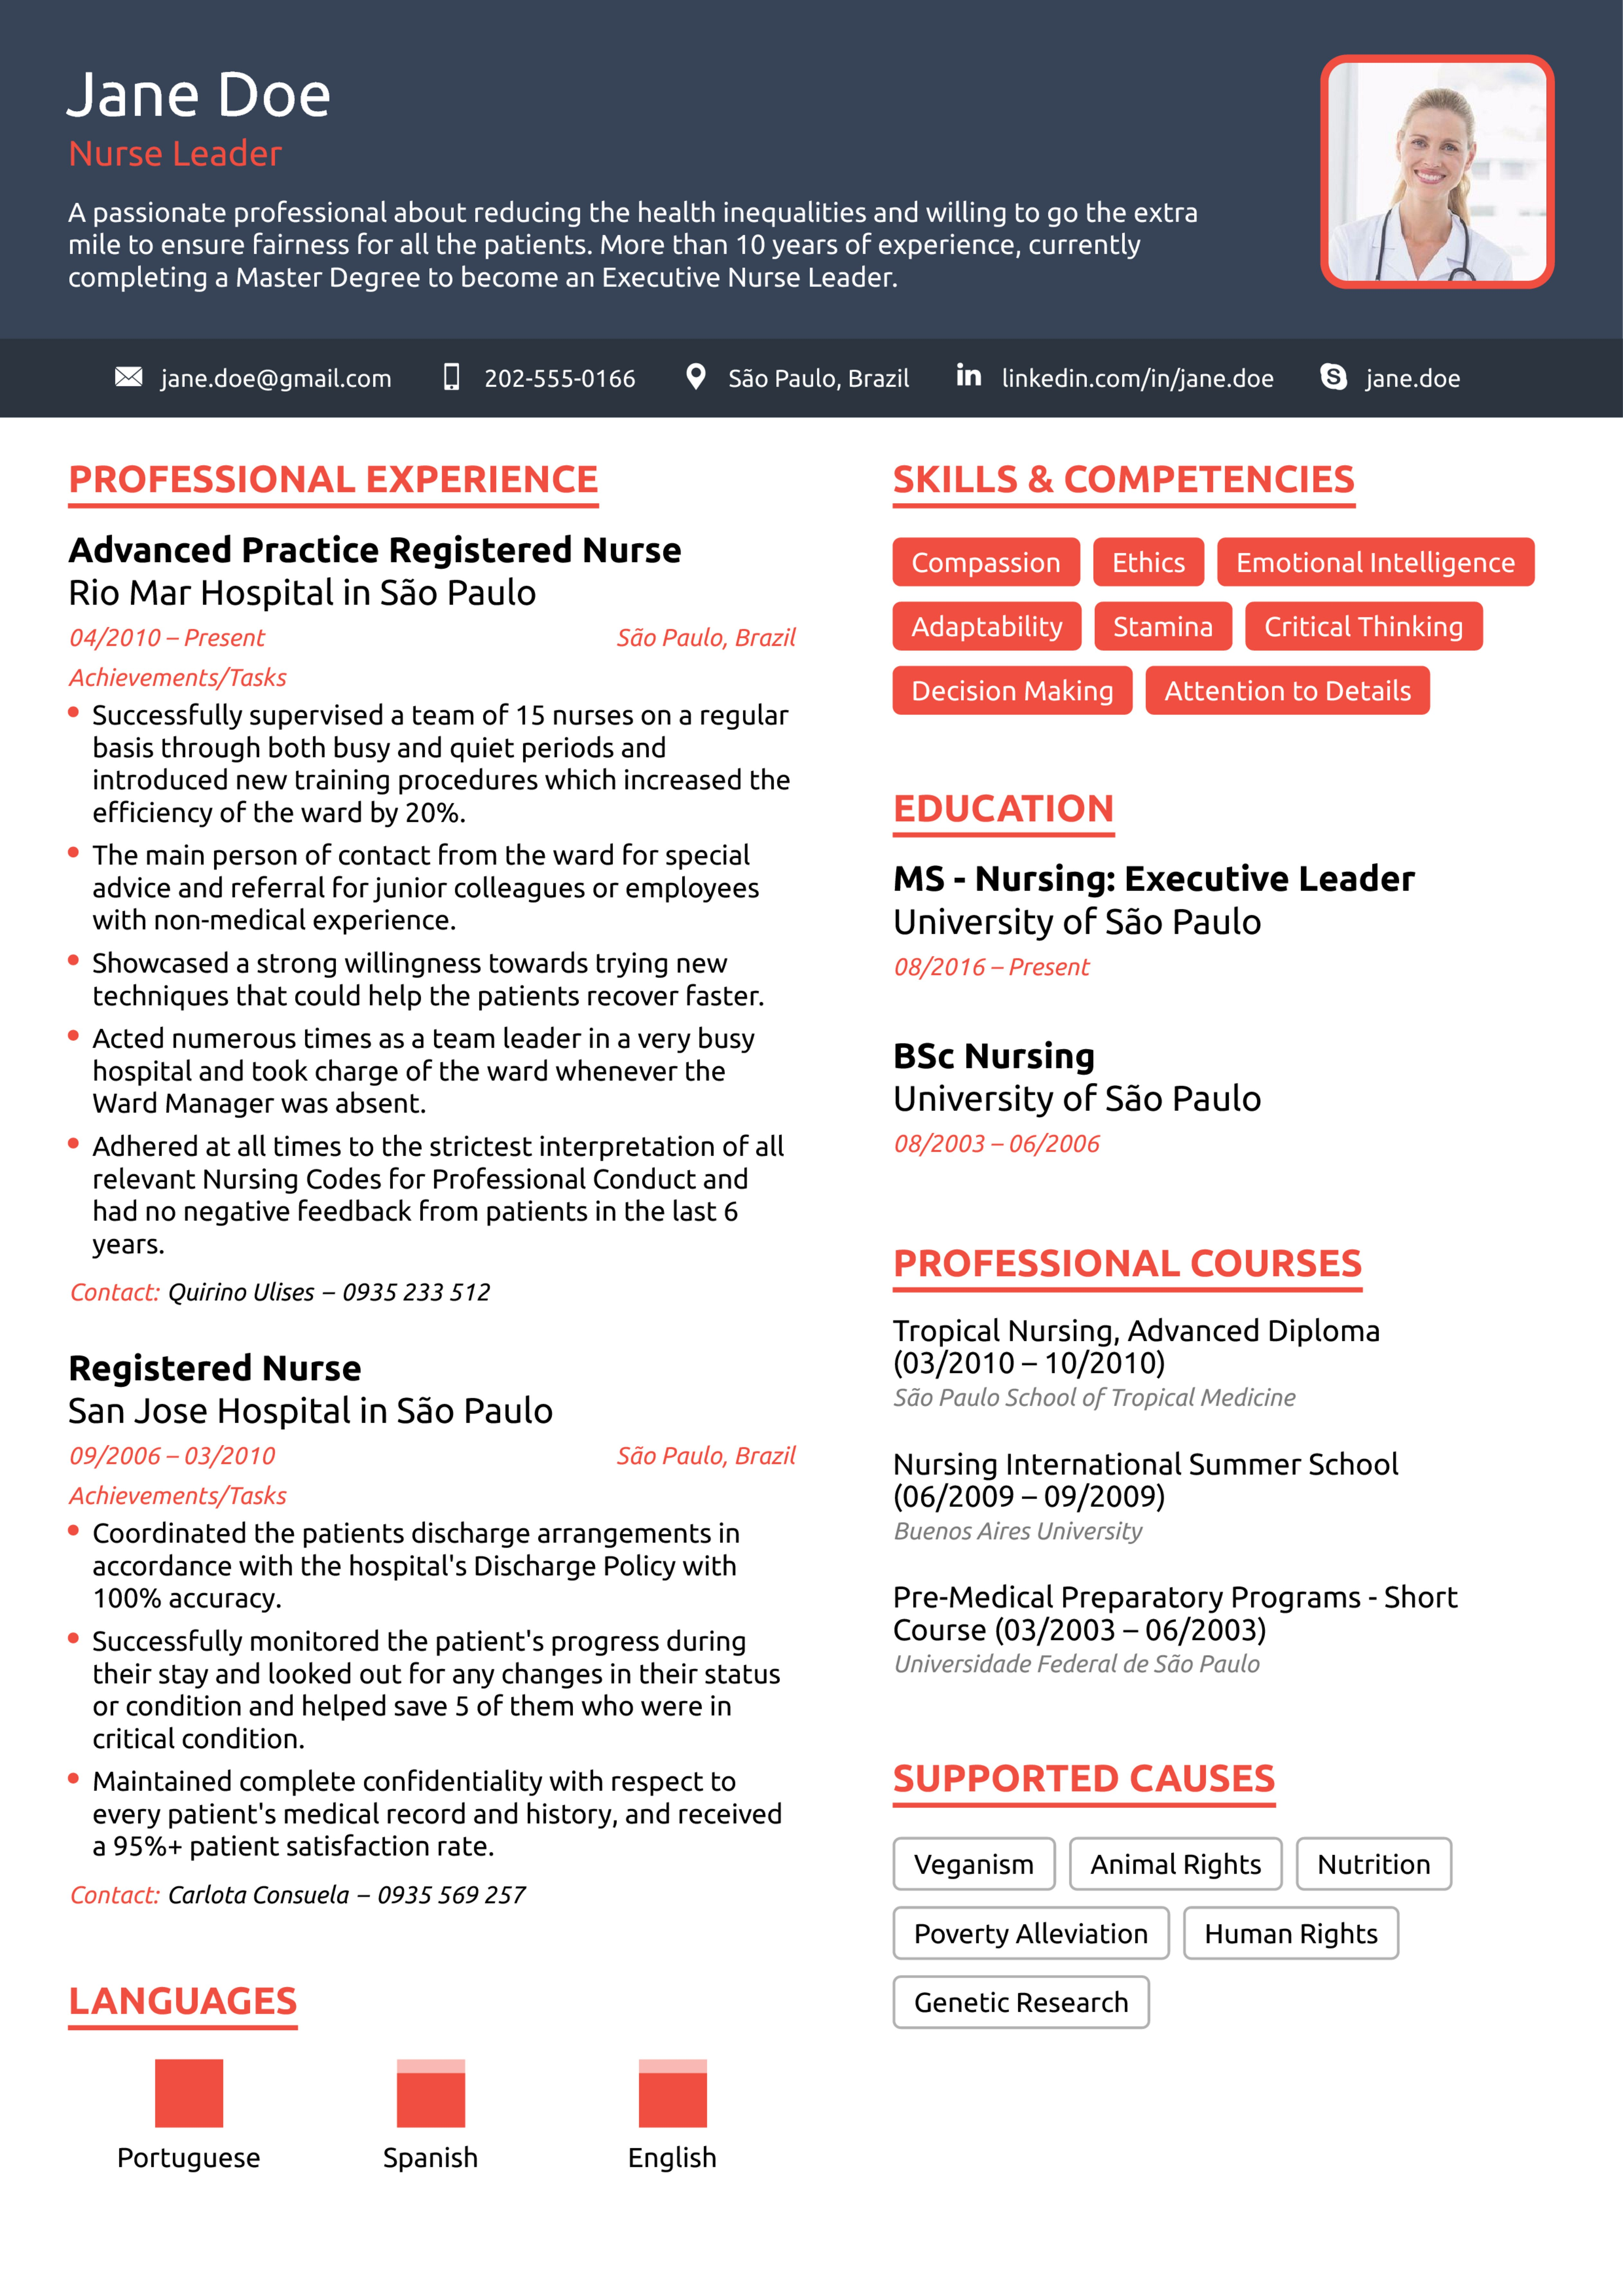 Resume Template for Nursing Nurse Resume Example [2019]